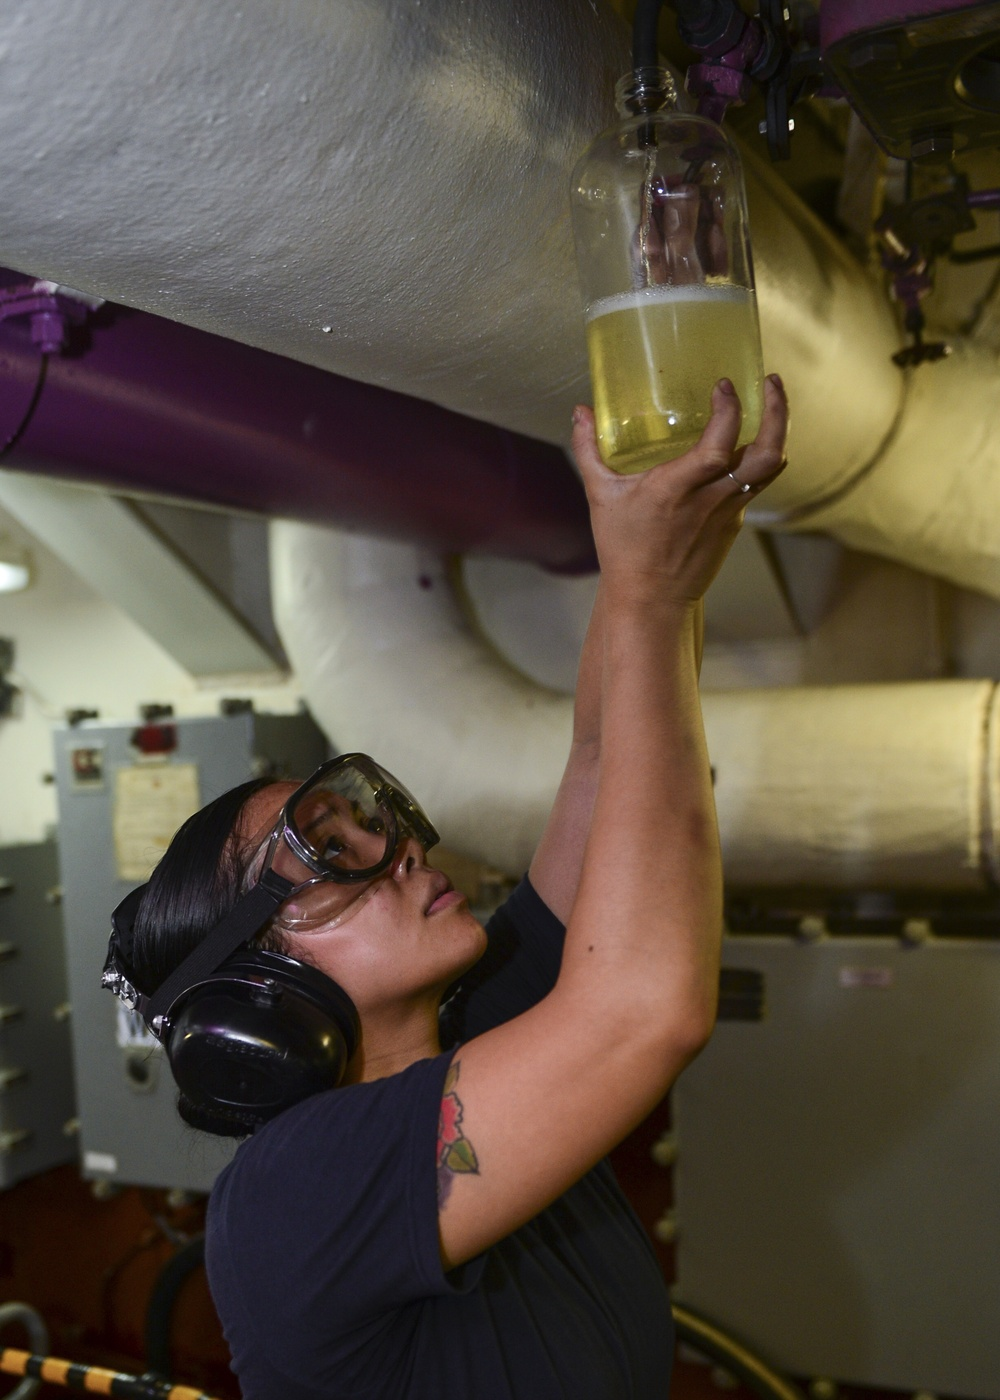 Sailors Taks Fuel Sample